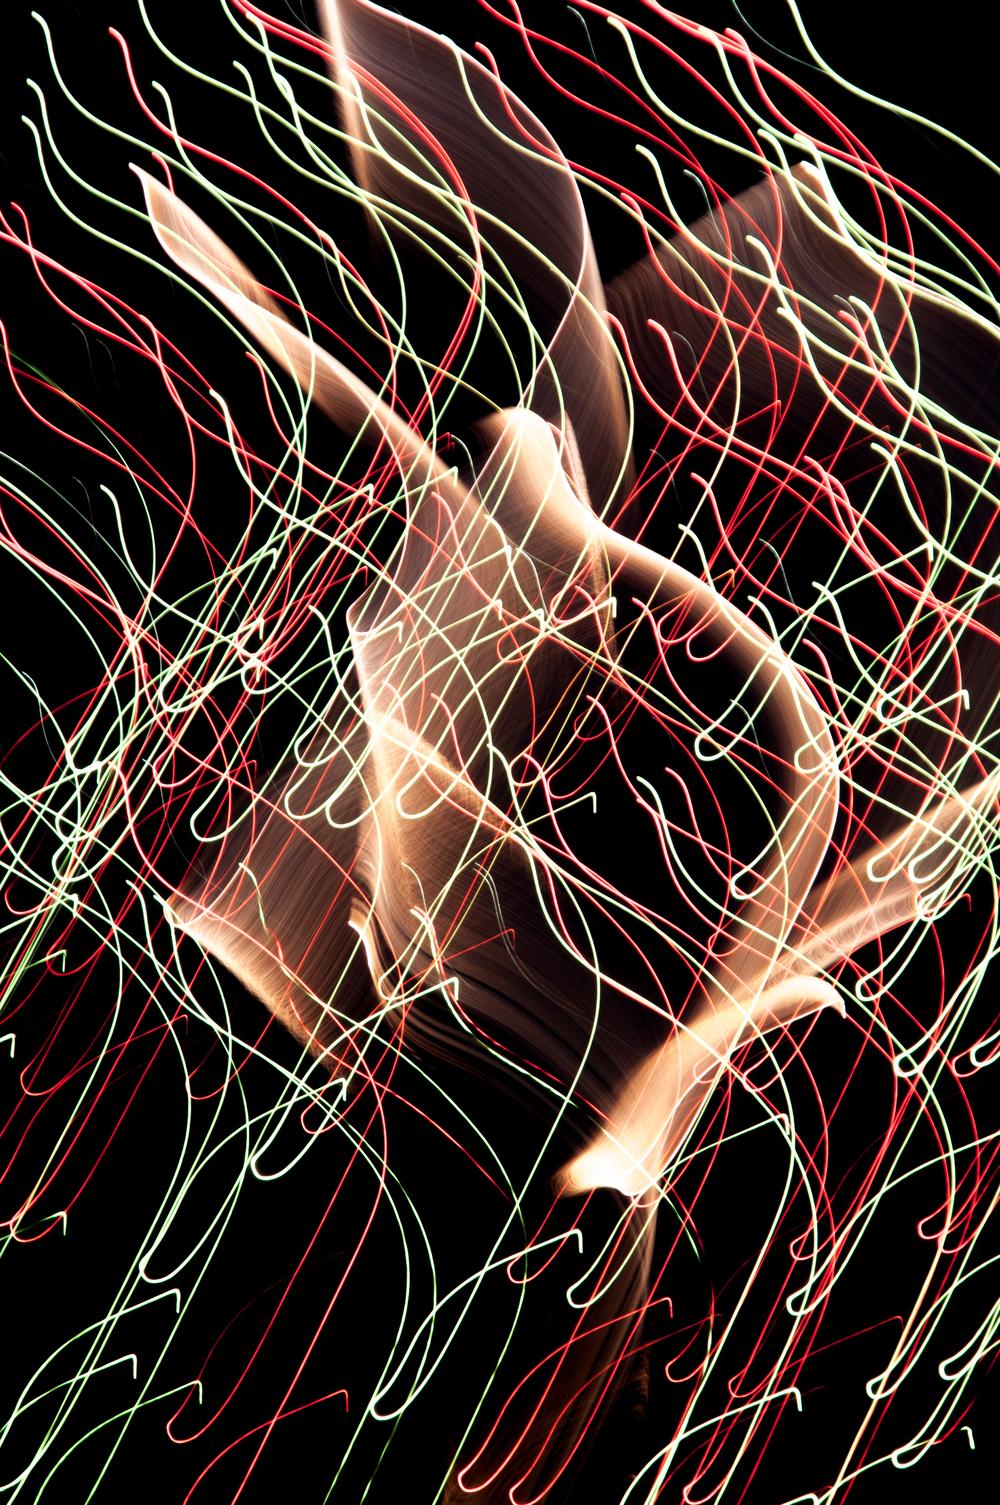 FA_Moving Lights_May 24_-7203.jpg